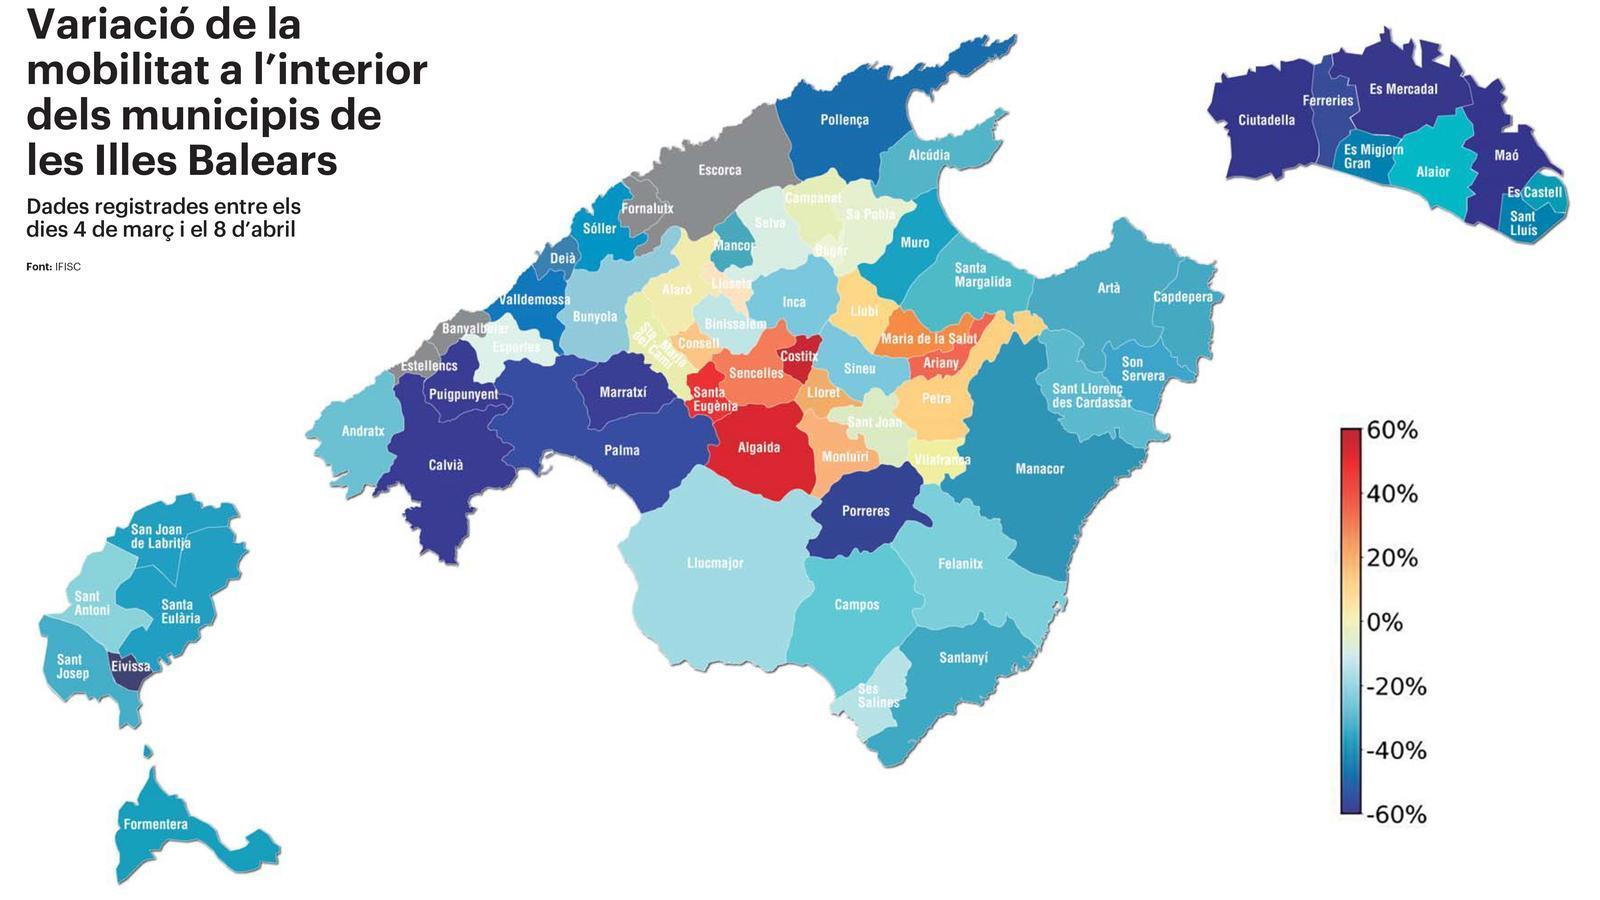 Dades registrades entre els dies 4 de març i 8 d'abril Els pobles d'interior, rècord en desplaçaments durant el confinament